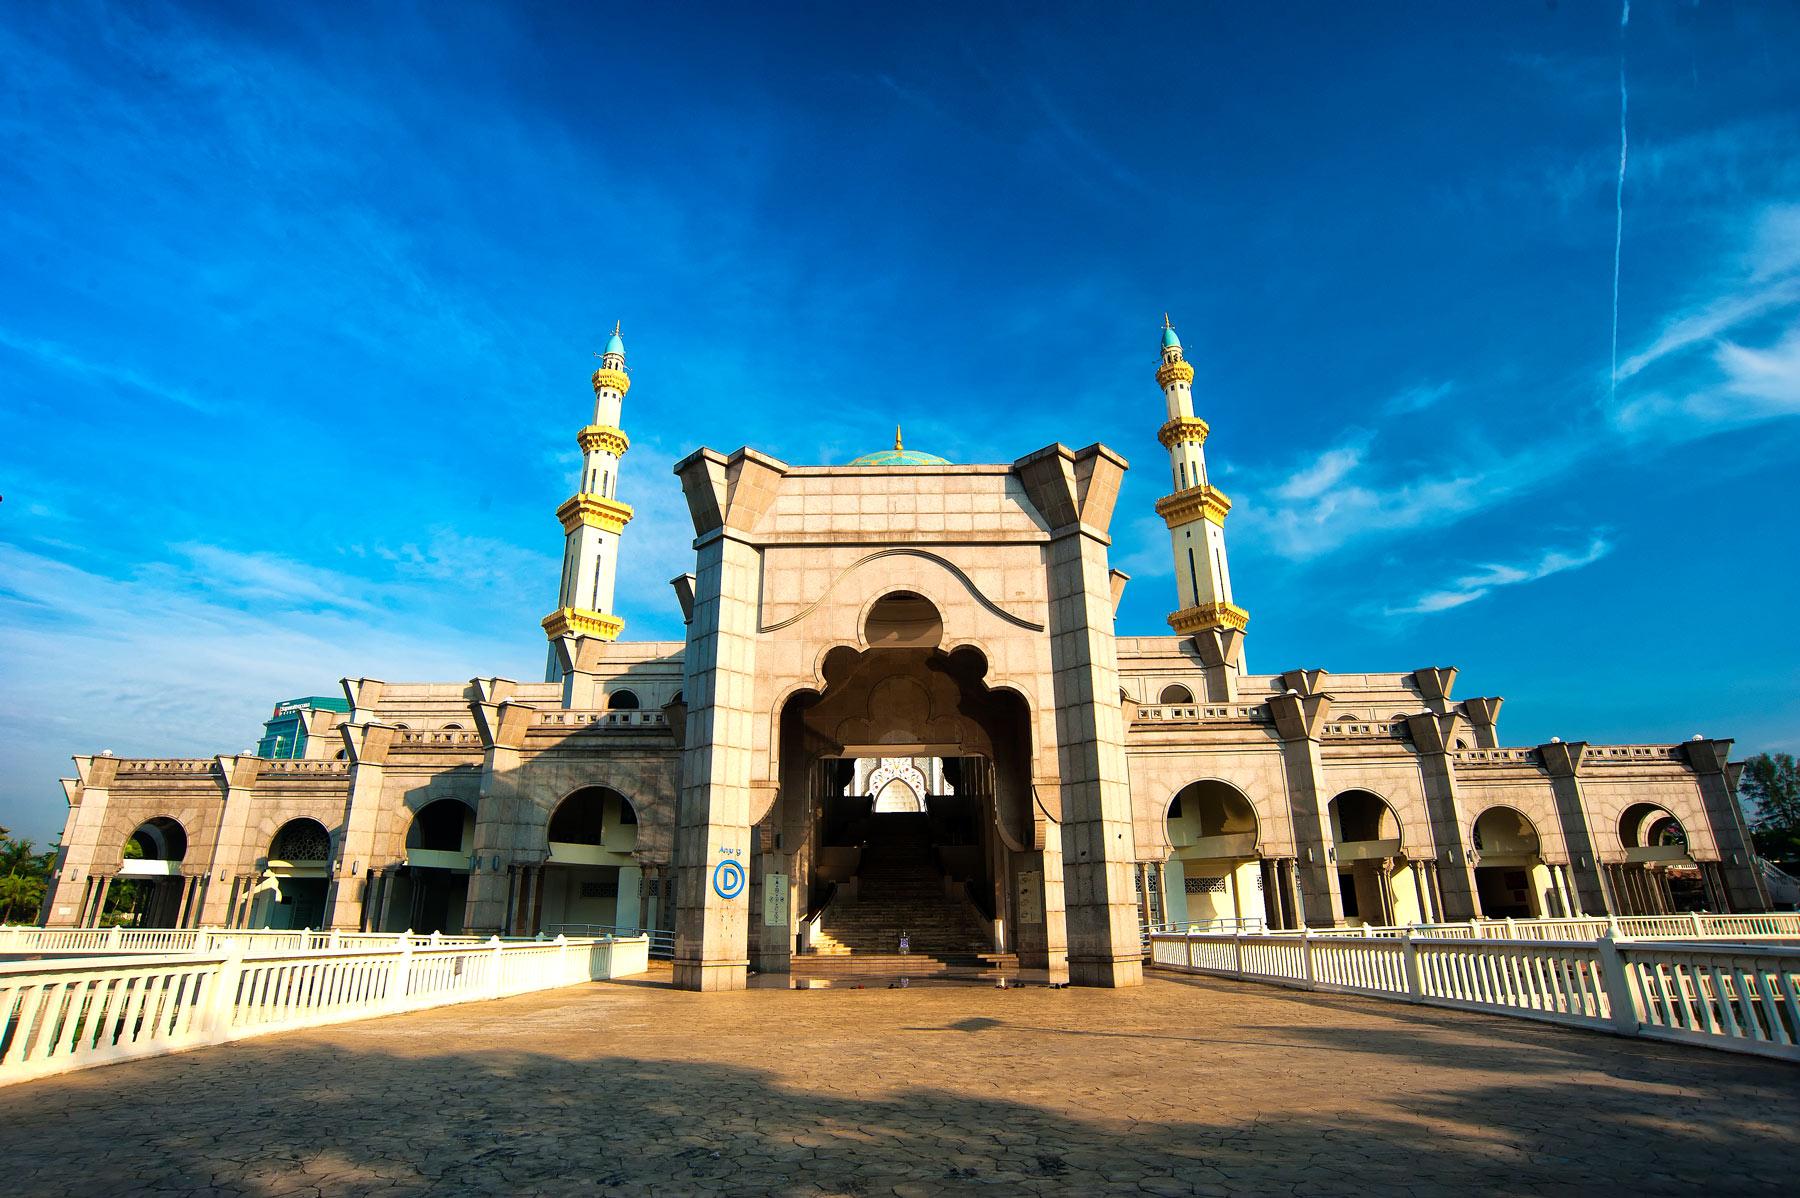 Die Moschee Masjid Wilayah Persekutuan in Malaysia bietet Platz für bis zu 17.000 Personen.